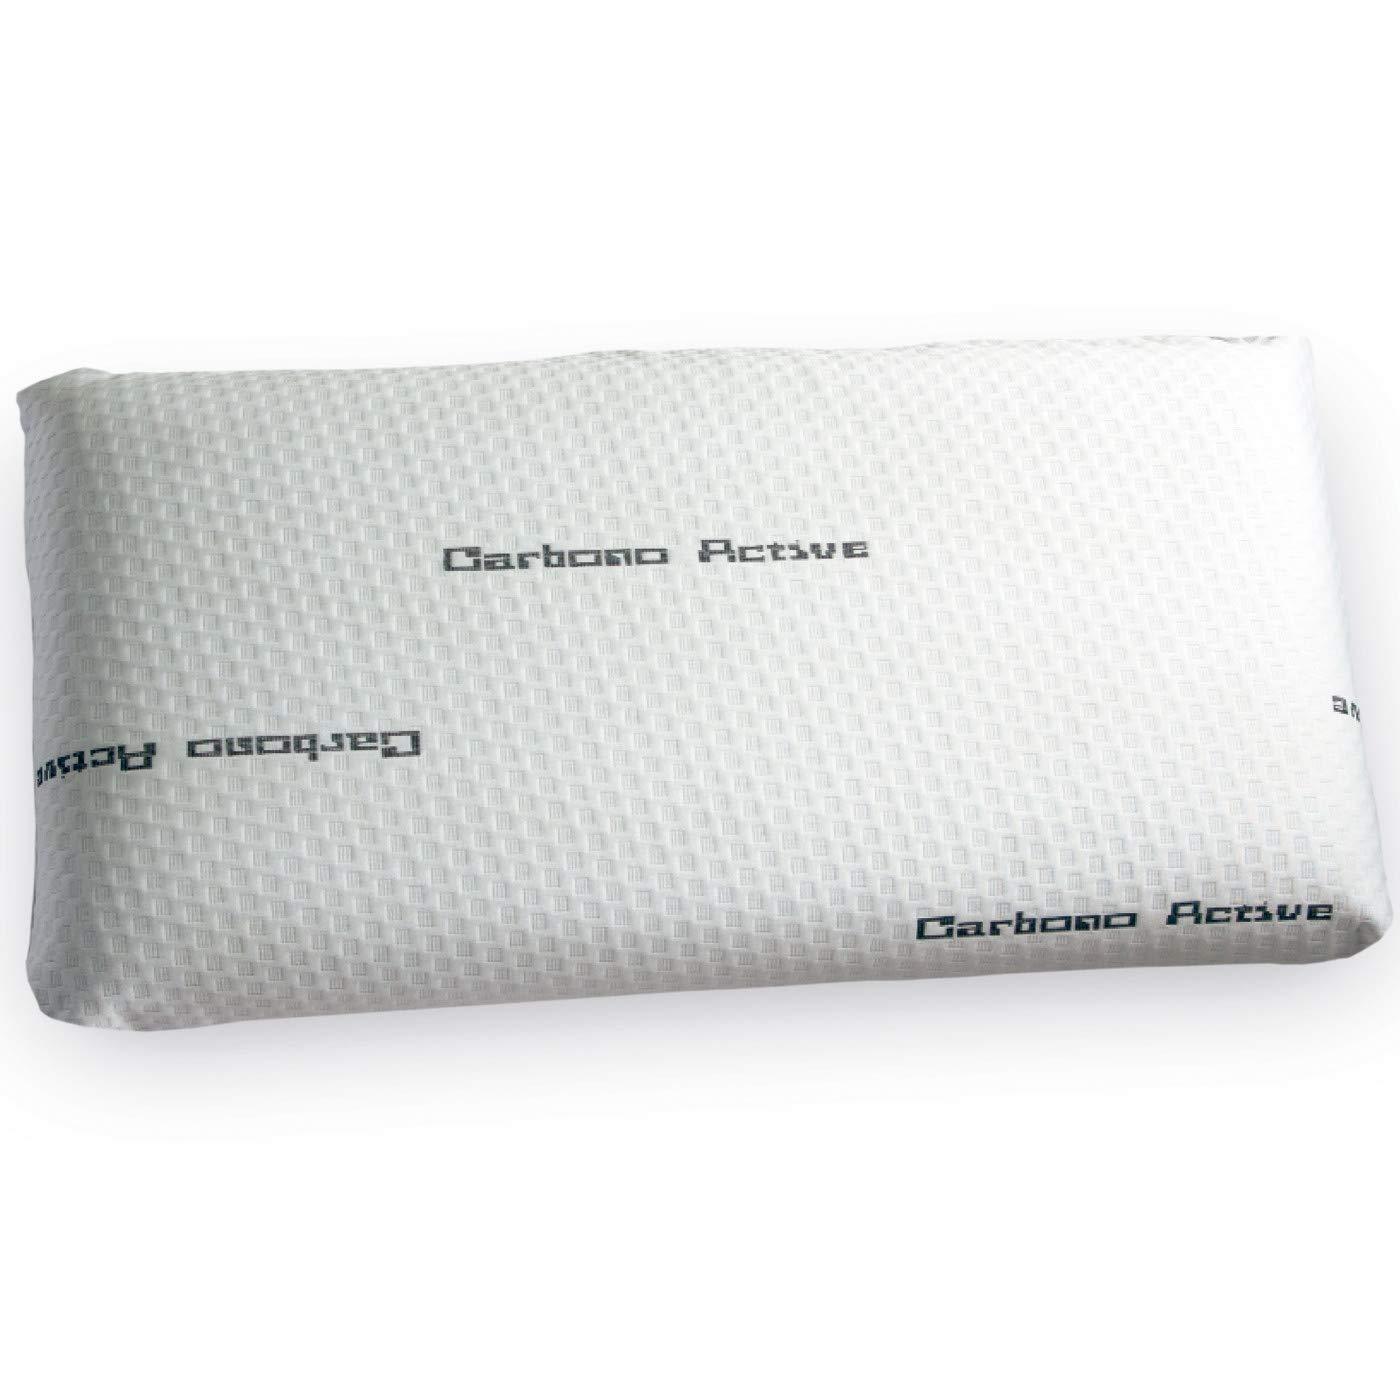 Pack de 2 Almohadas Viscoelásticas Modelo Carbono Active Perforada, Medida 90 – 90x34x12cm